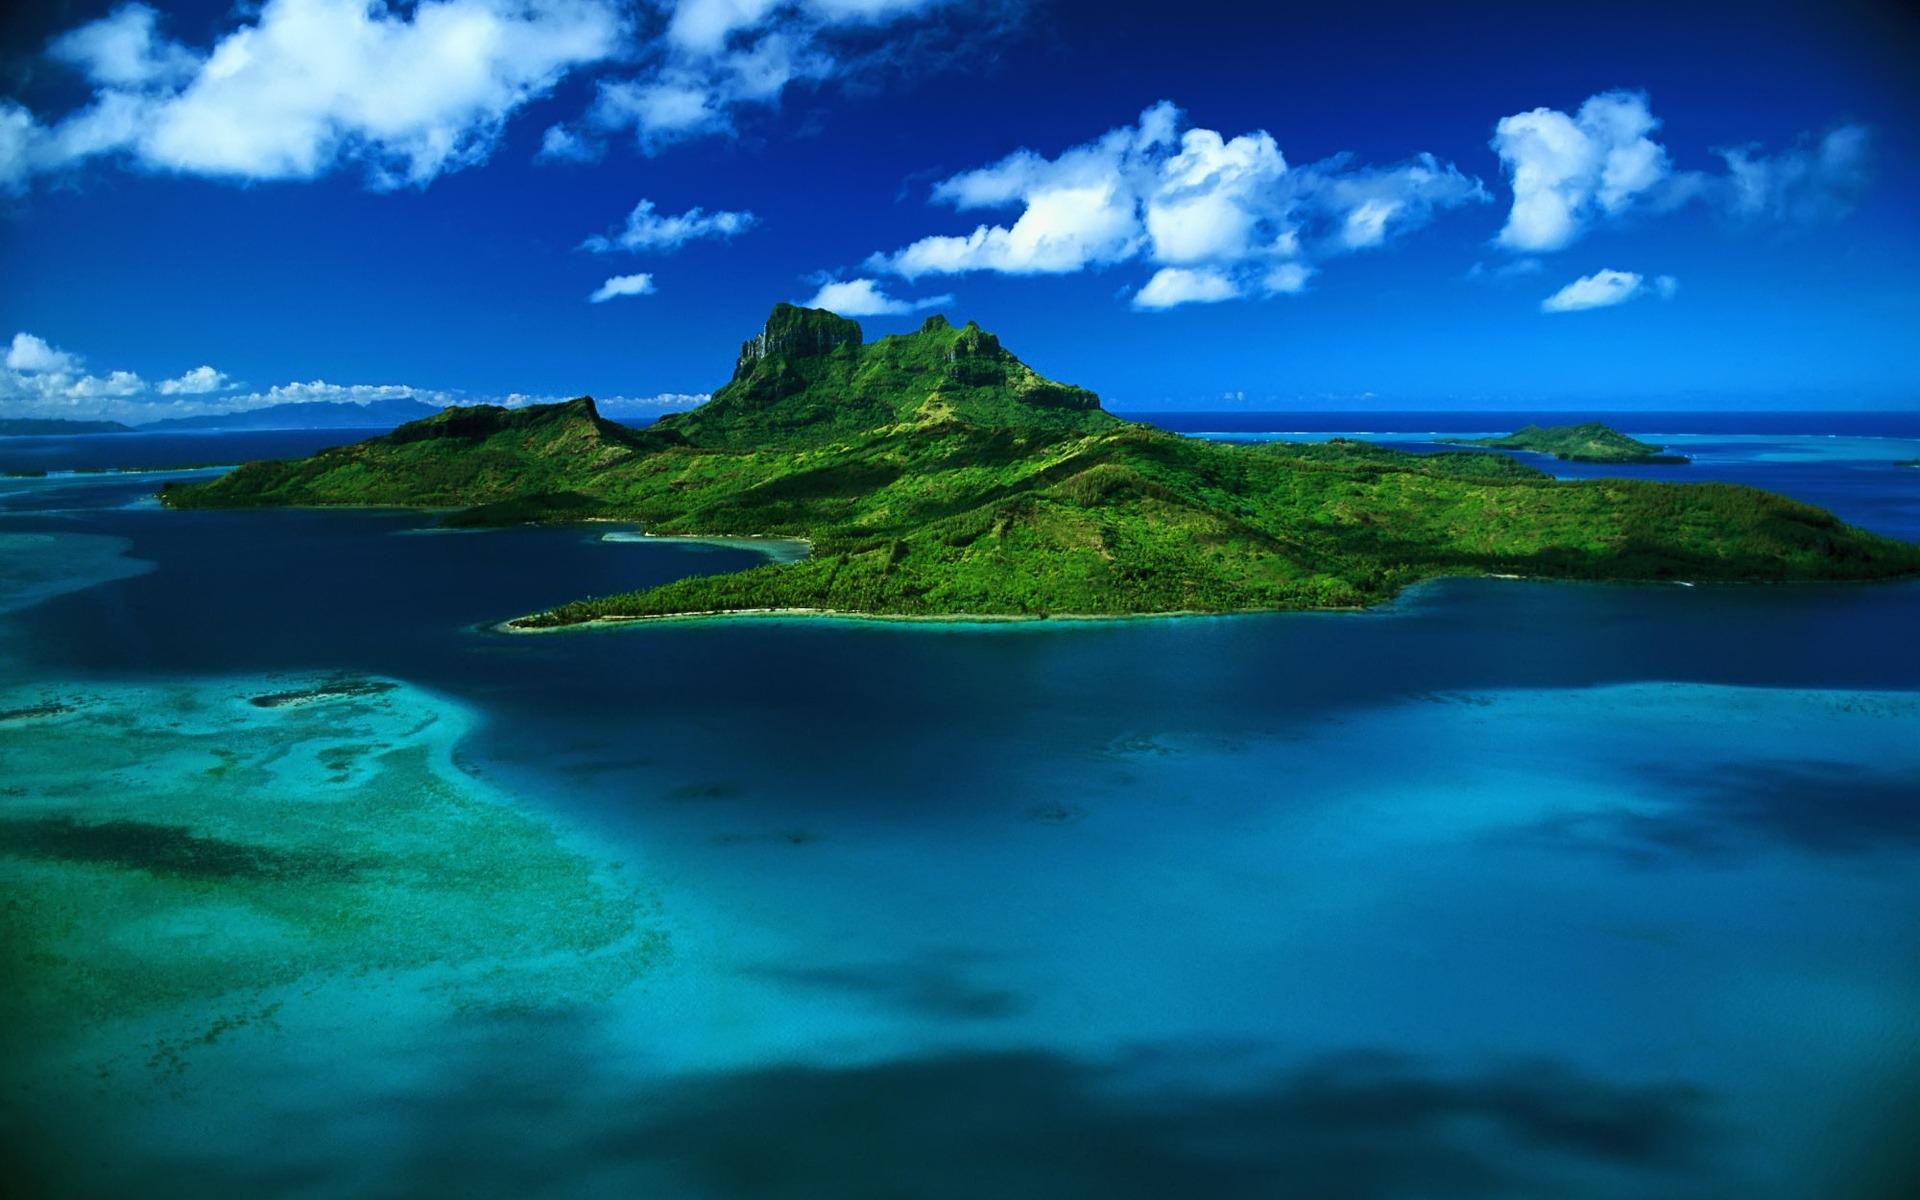 Tropical island / 1920 x 1200 / Nature / Photography | MIRIADNA.COM